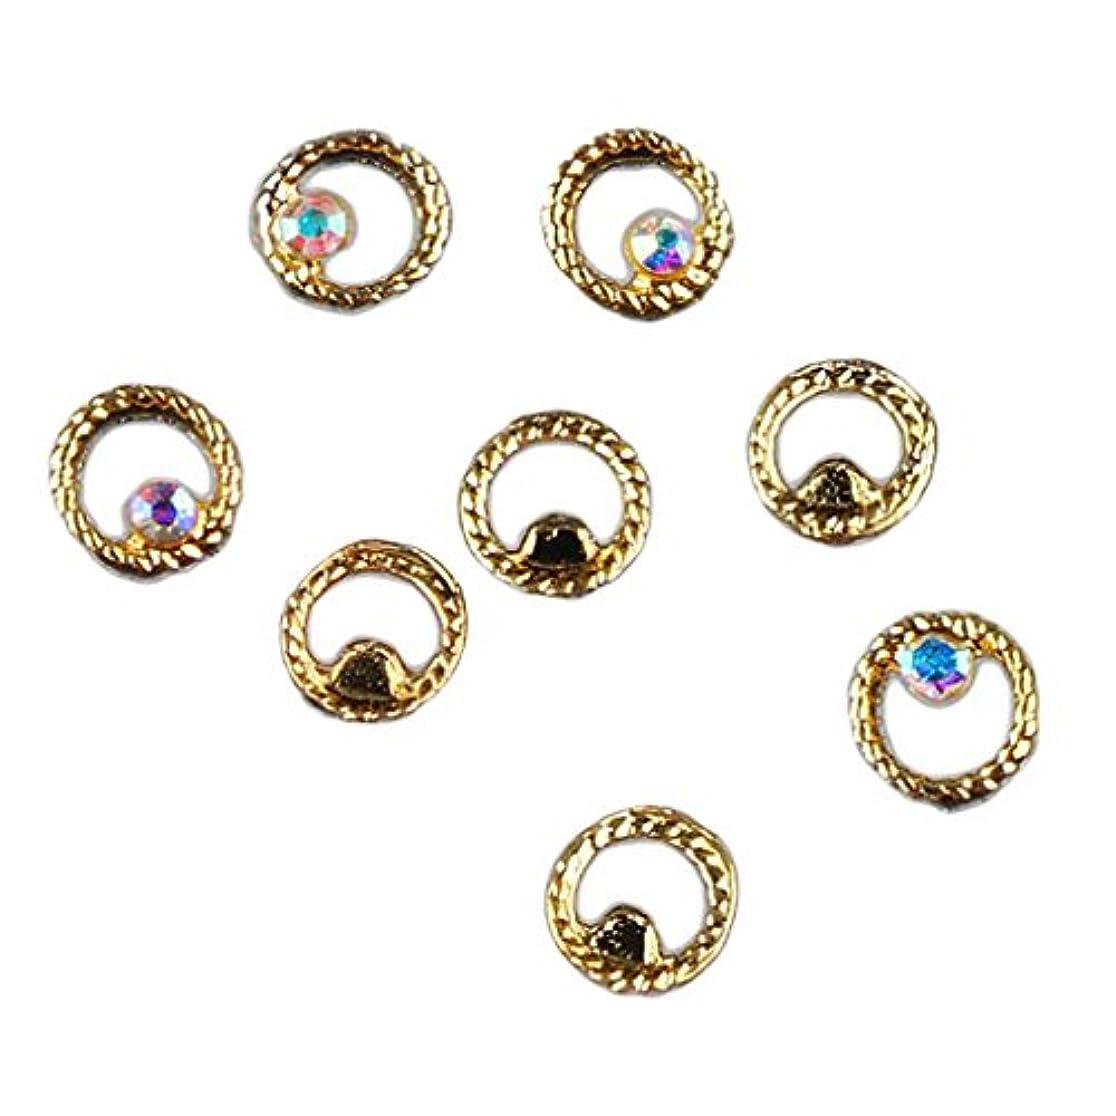 暖かさミニチュア是正するKesoto マニキュア ダイヤモンド 約50個 3Dネイルアート ヒントステッカー 装飾 全8タイプ選べ - 3